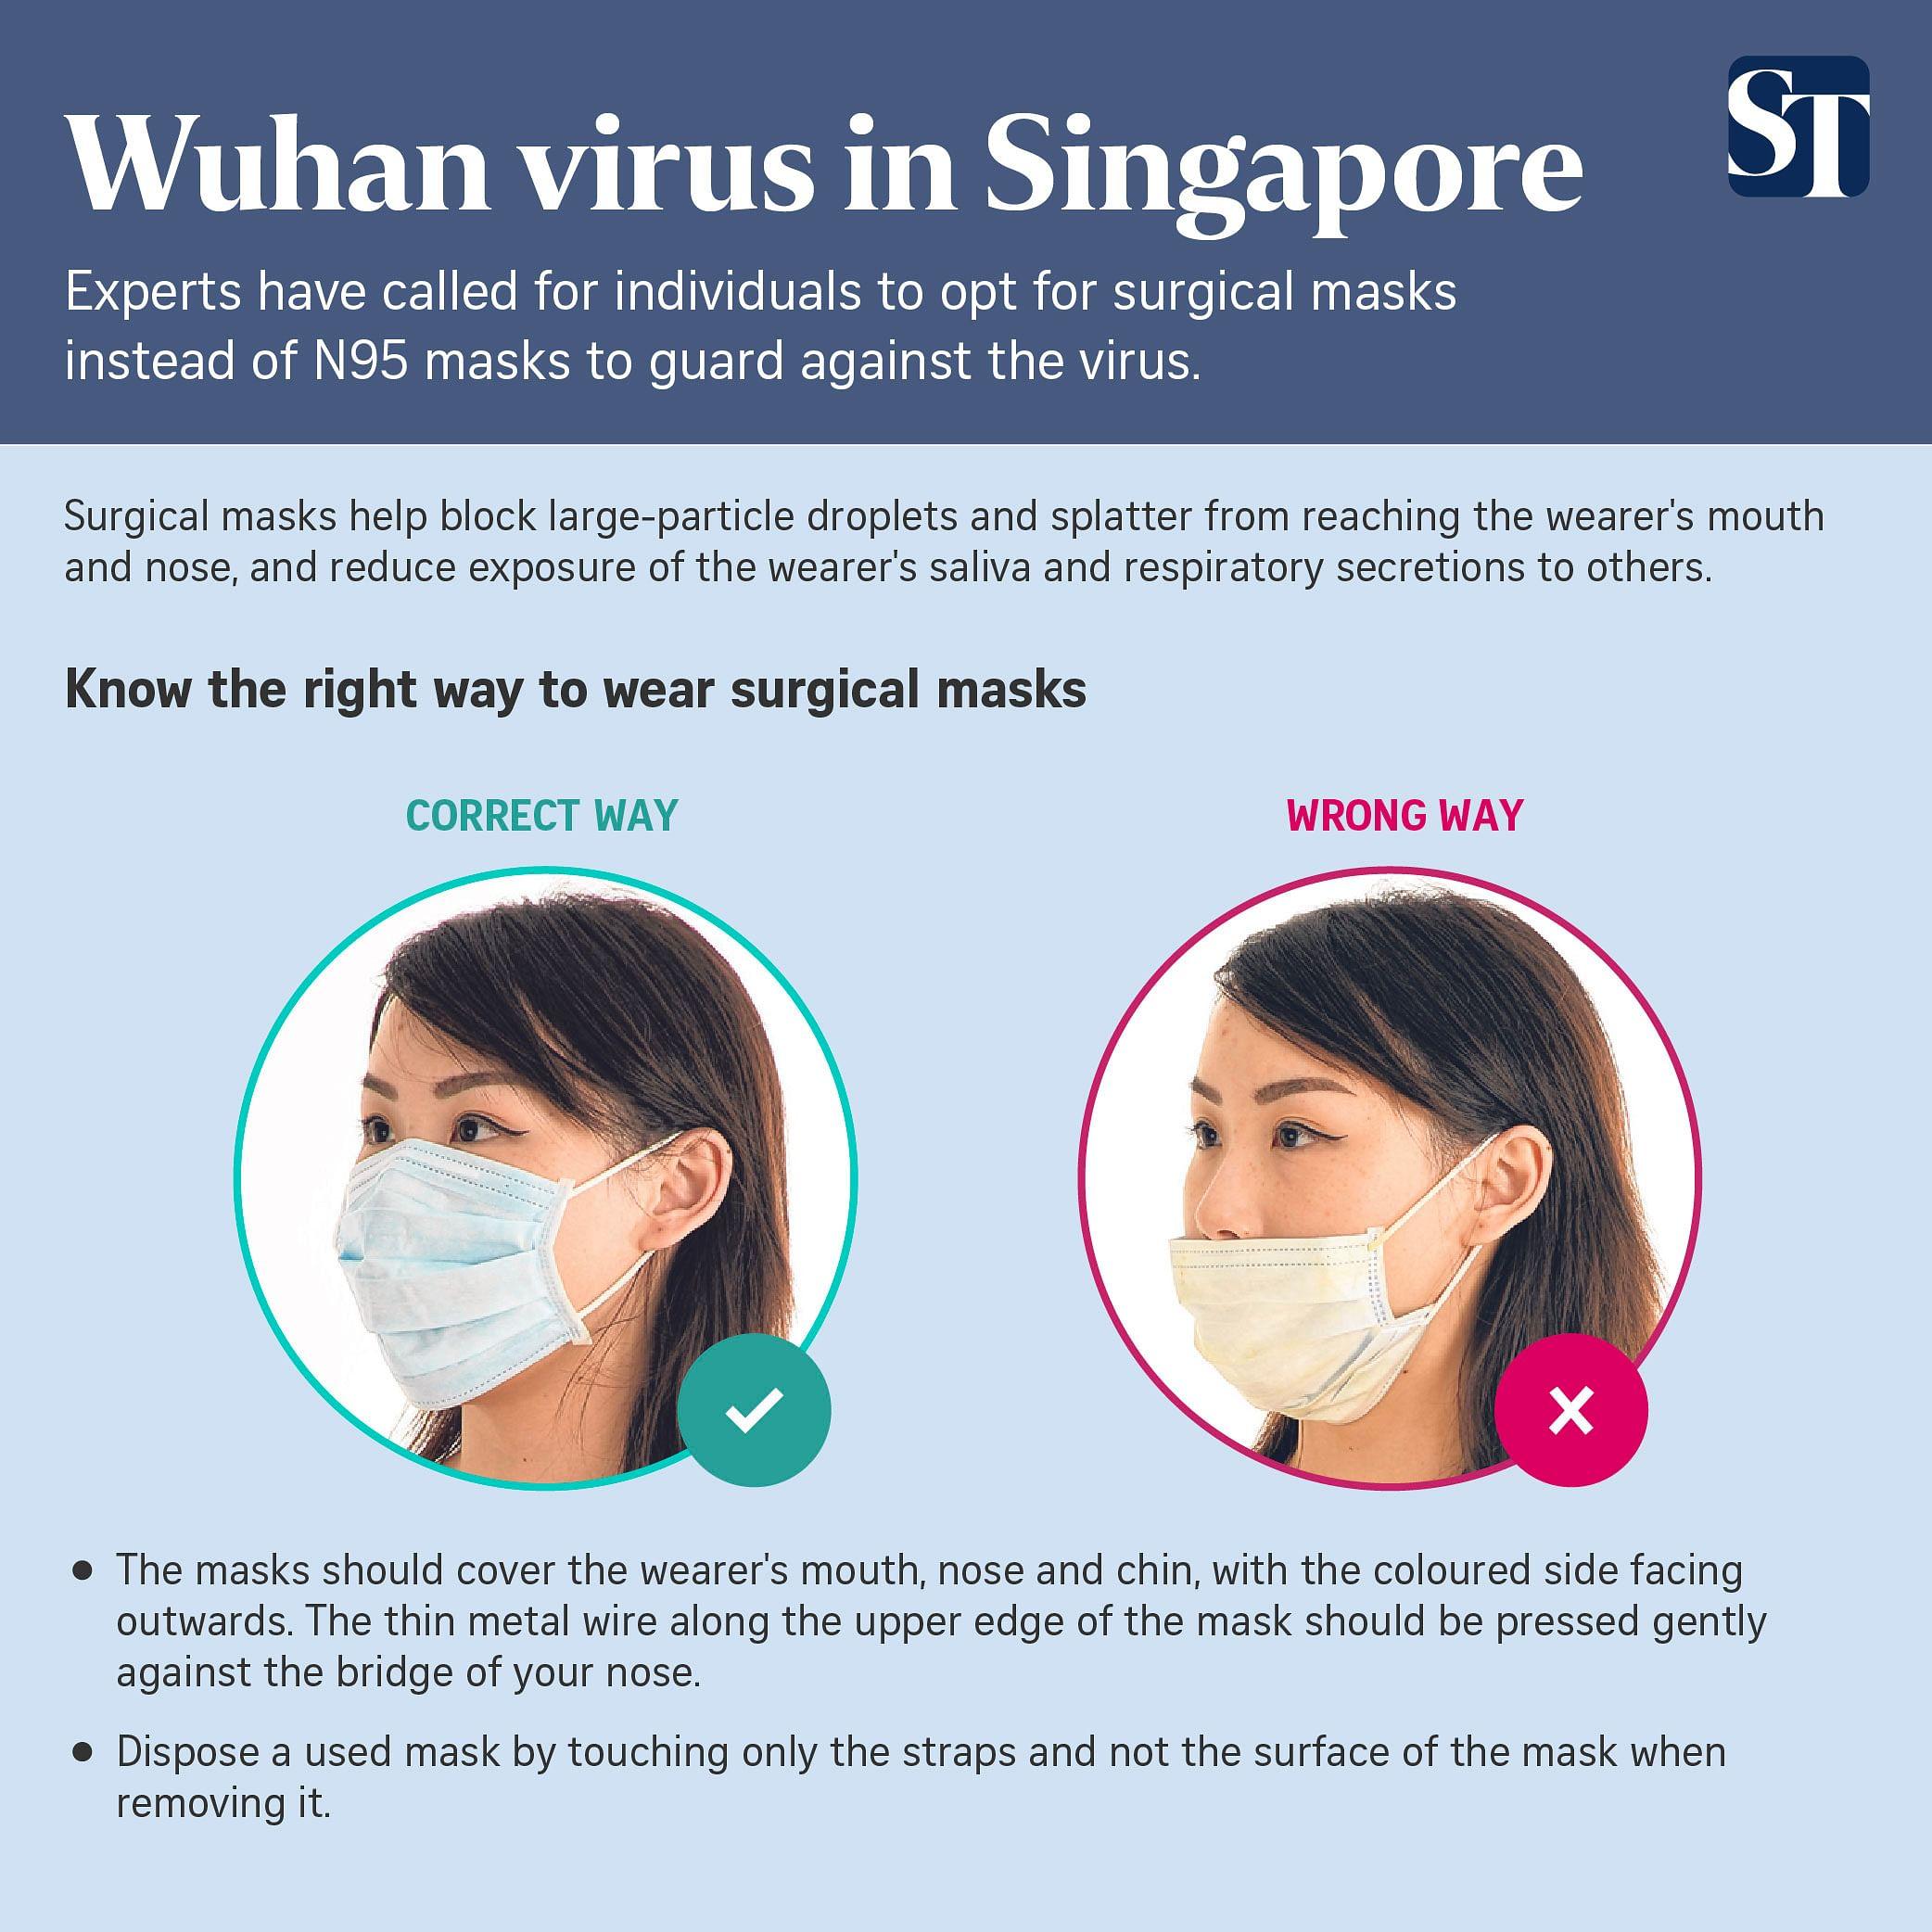 In Virus Virus Wuhan Wuhan Singapore Singapore In Virus Wuhan